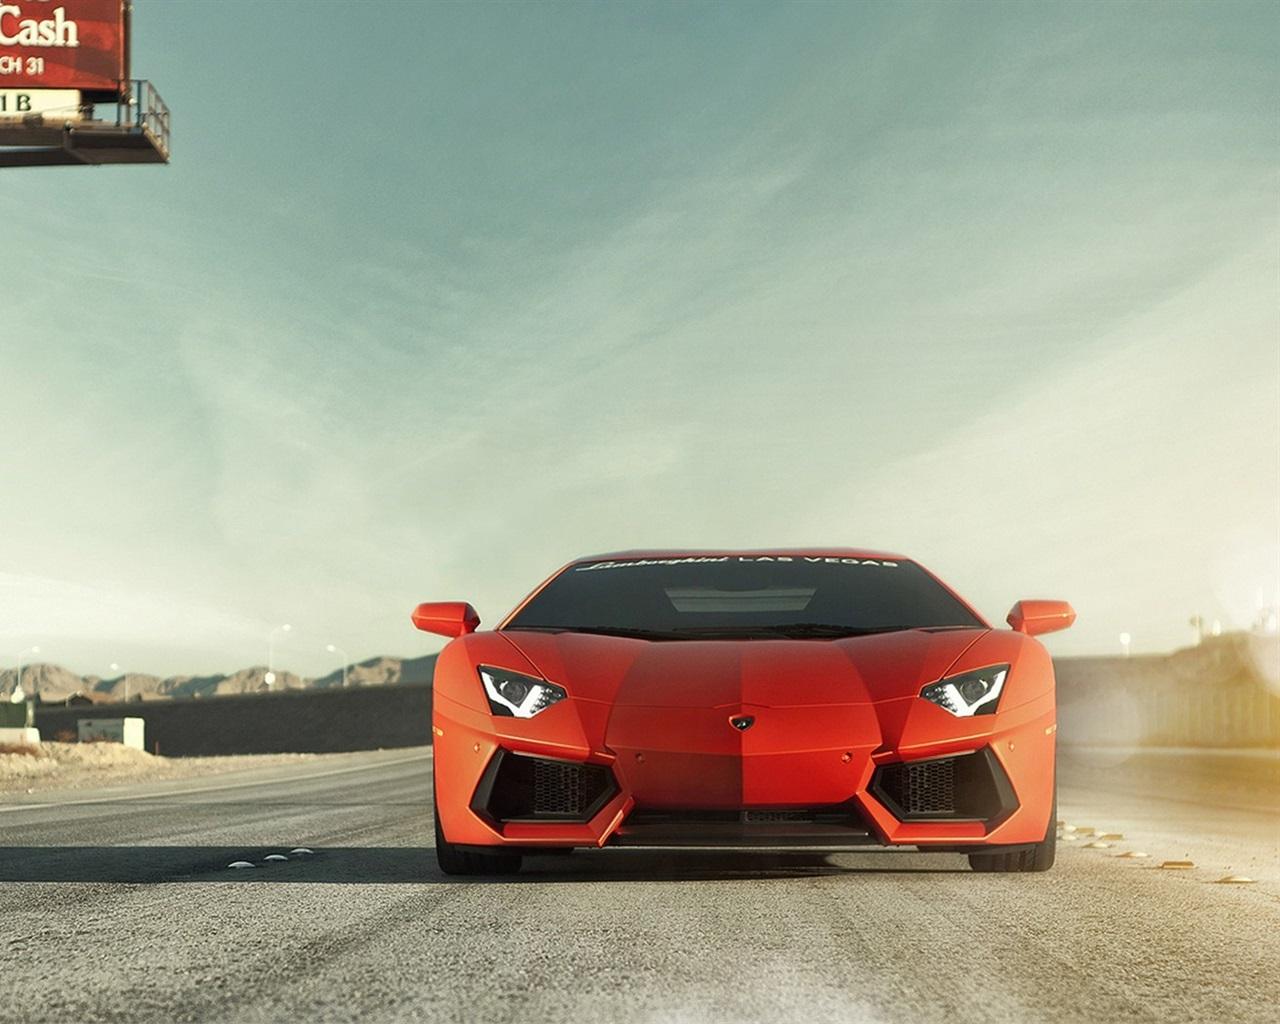 оранжевый автомобиль Lamborghini aventador без смс